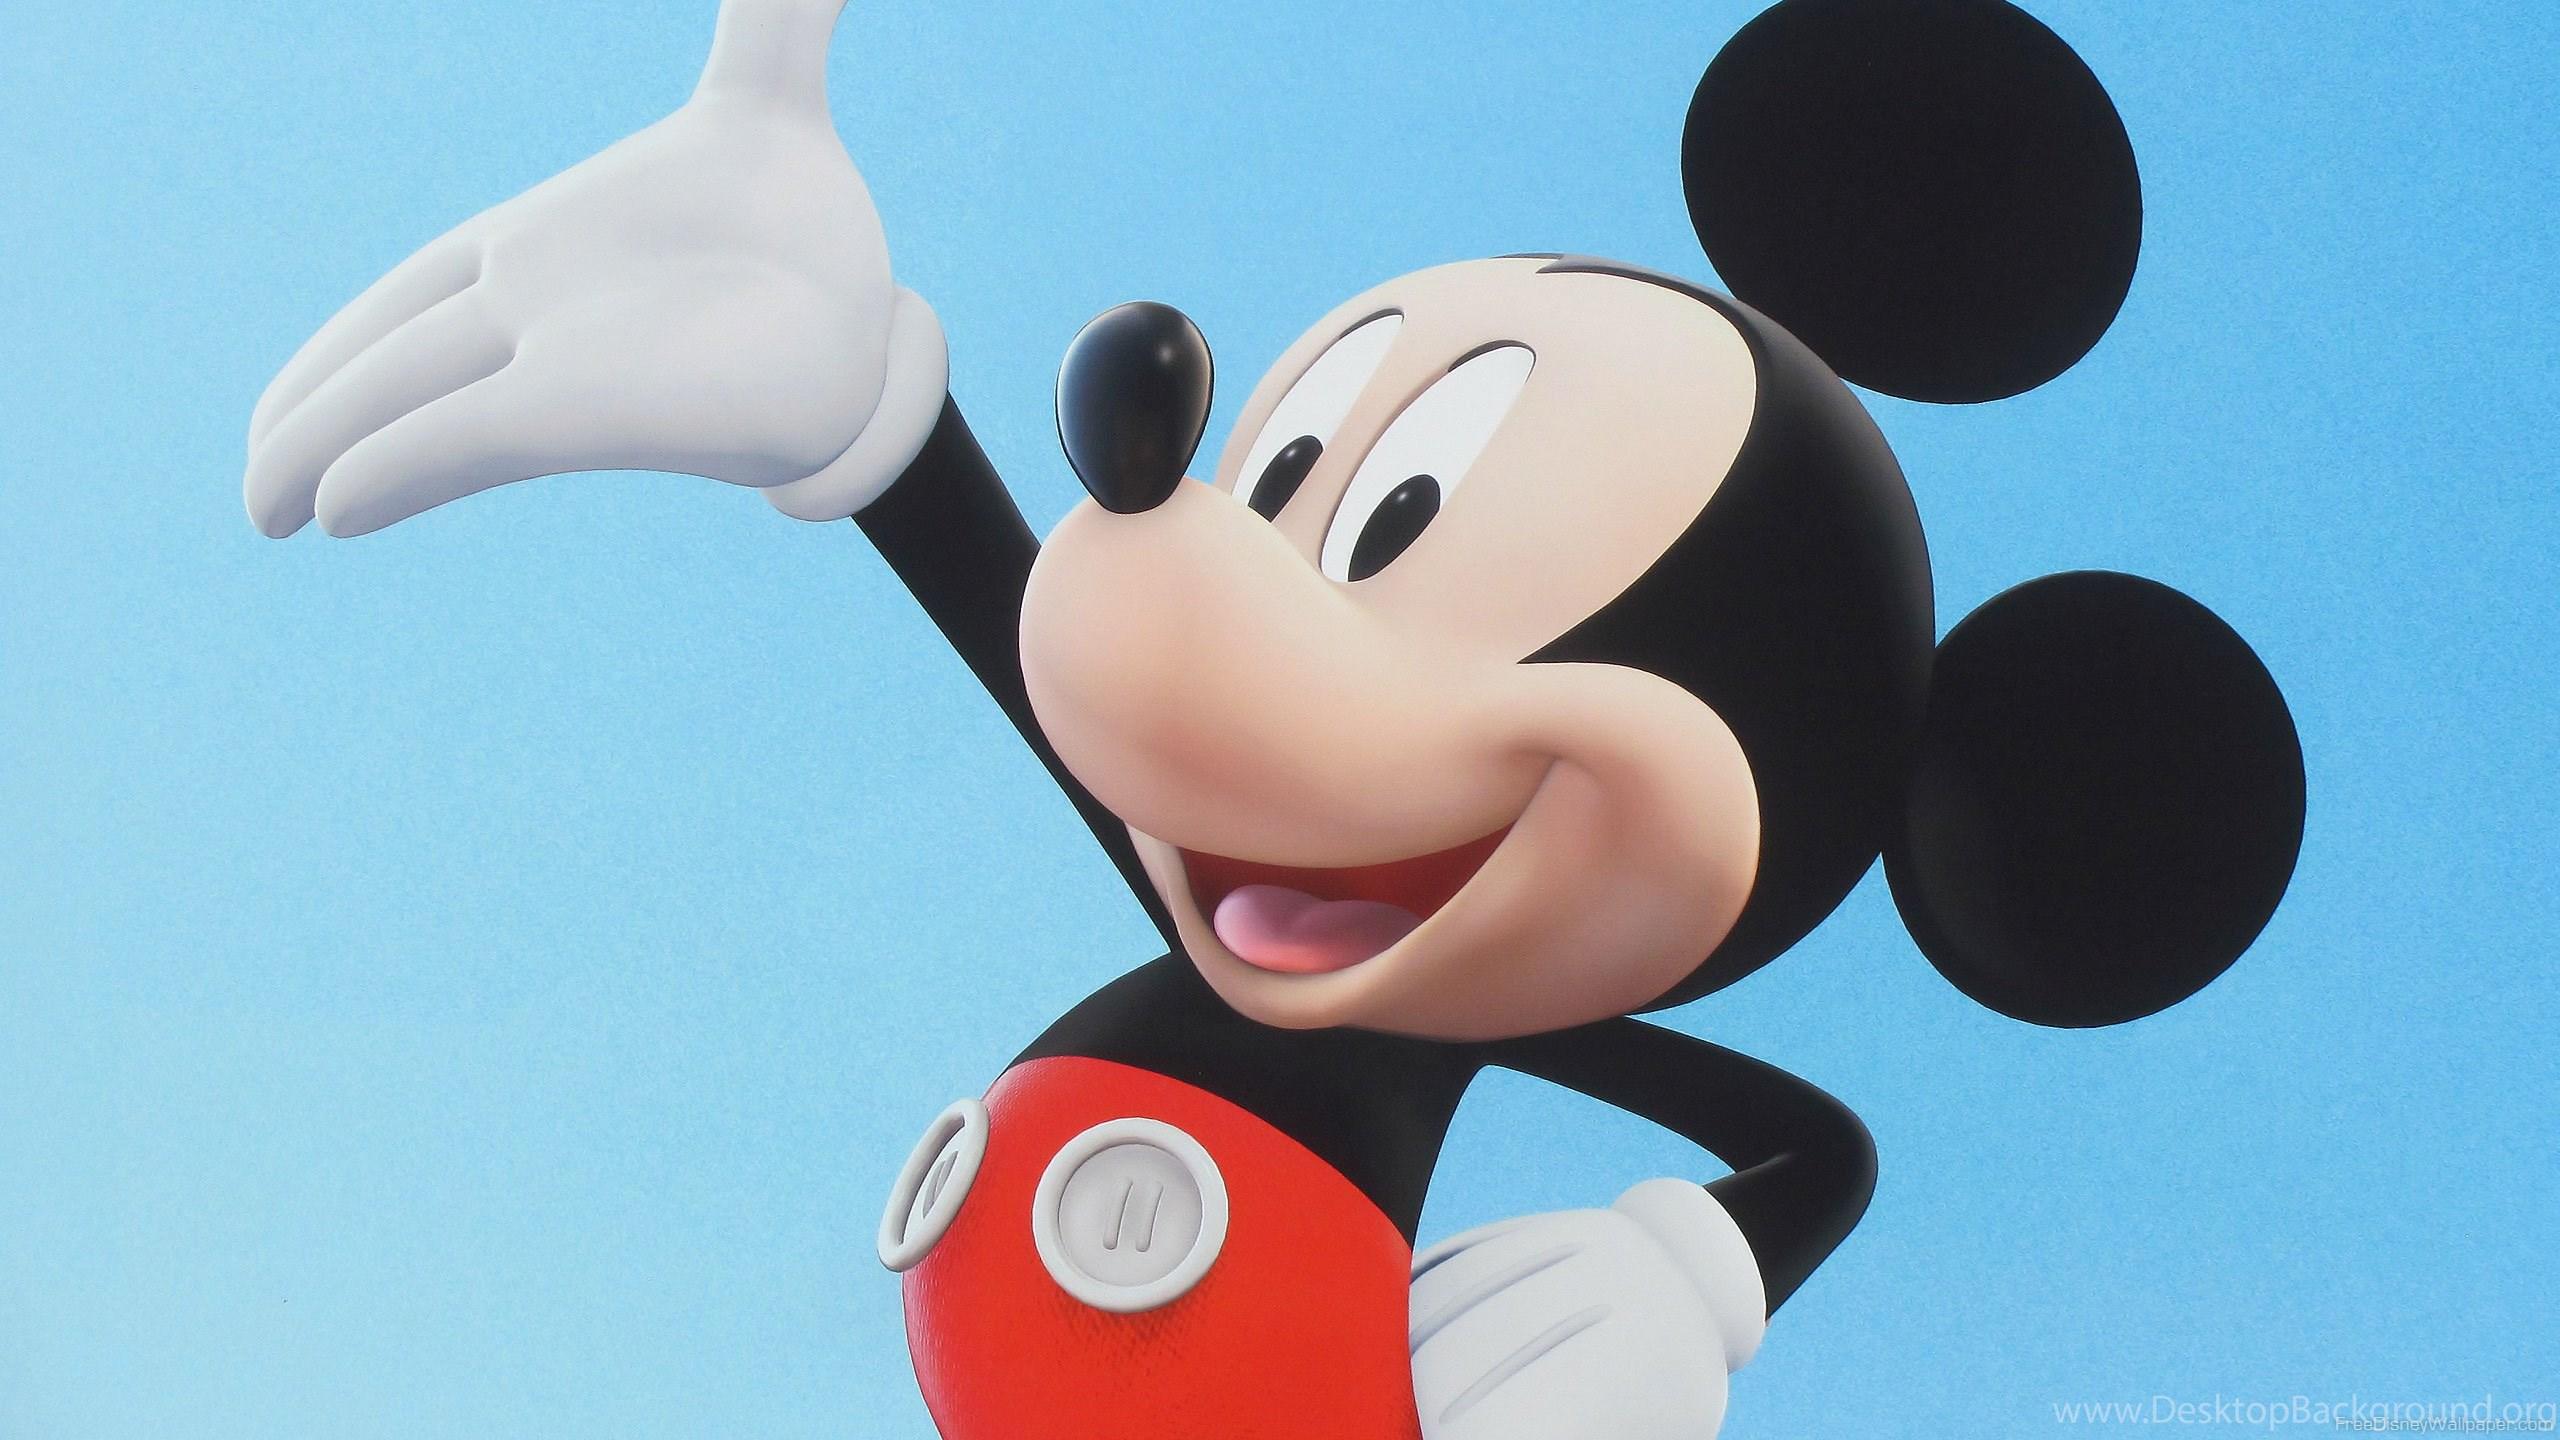 5 Imagenes Animadas Para Fondo De Pantalla De Mickey Mouse